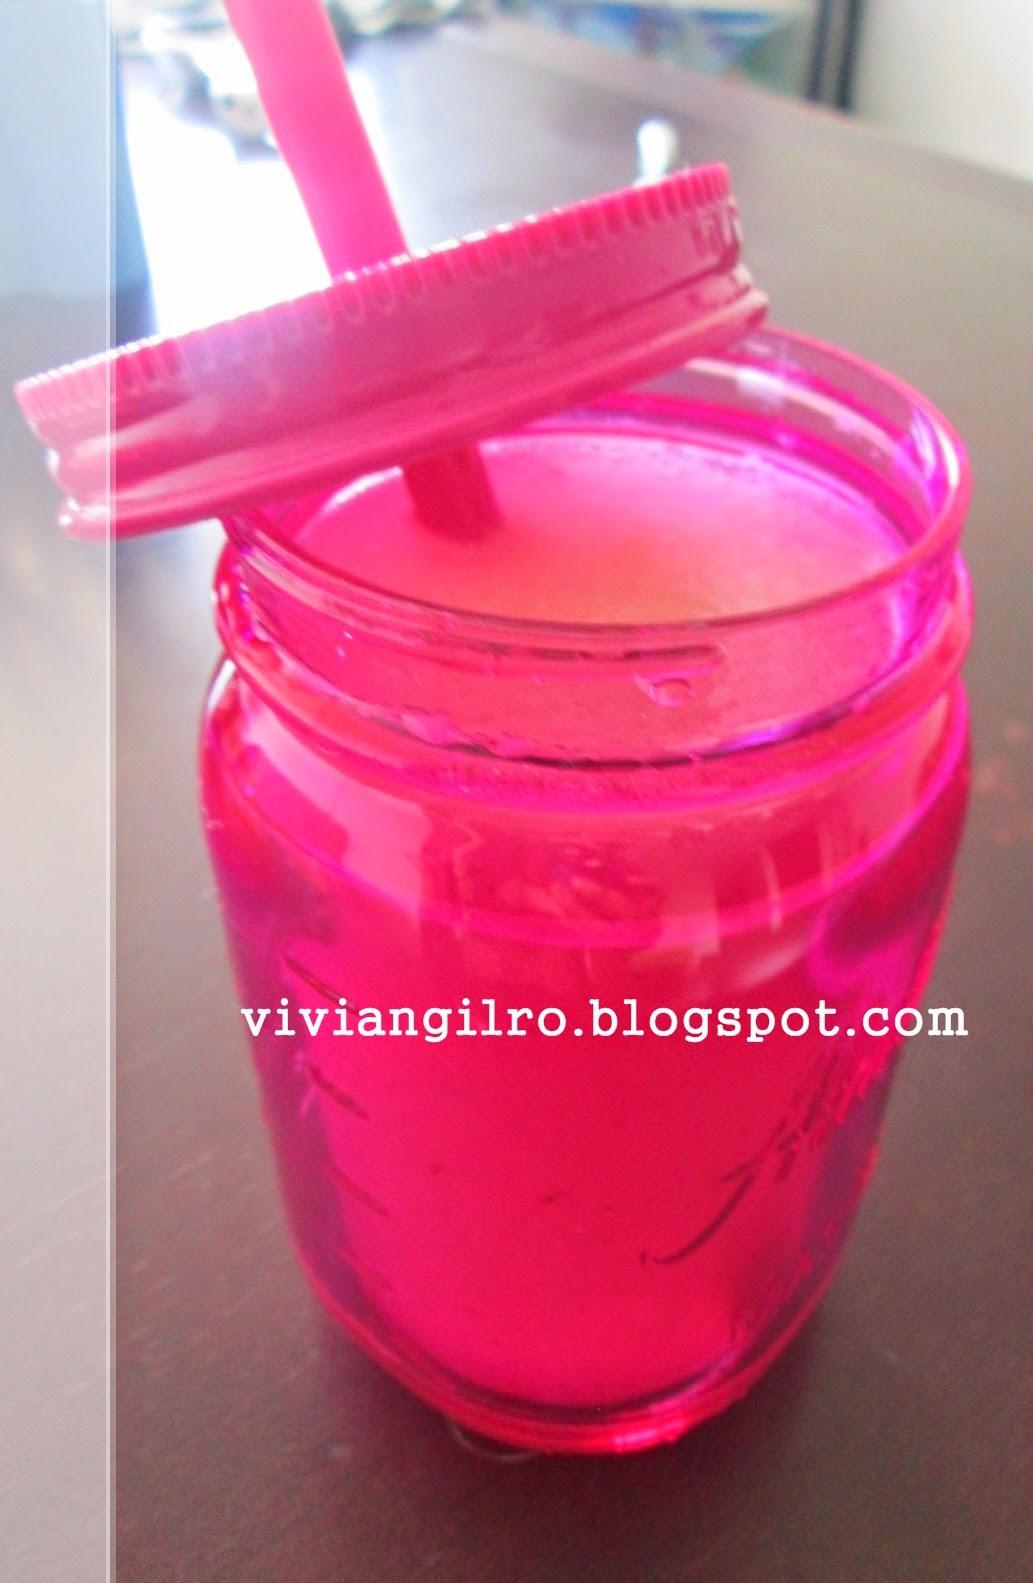 tomate es bueno para el acido urico prevenir el acido urico la leche descremada es mala para el acido urico